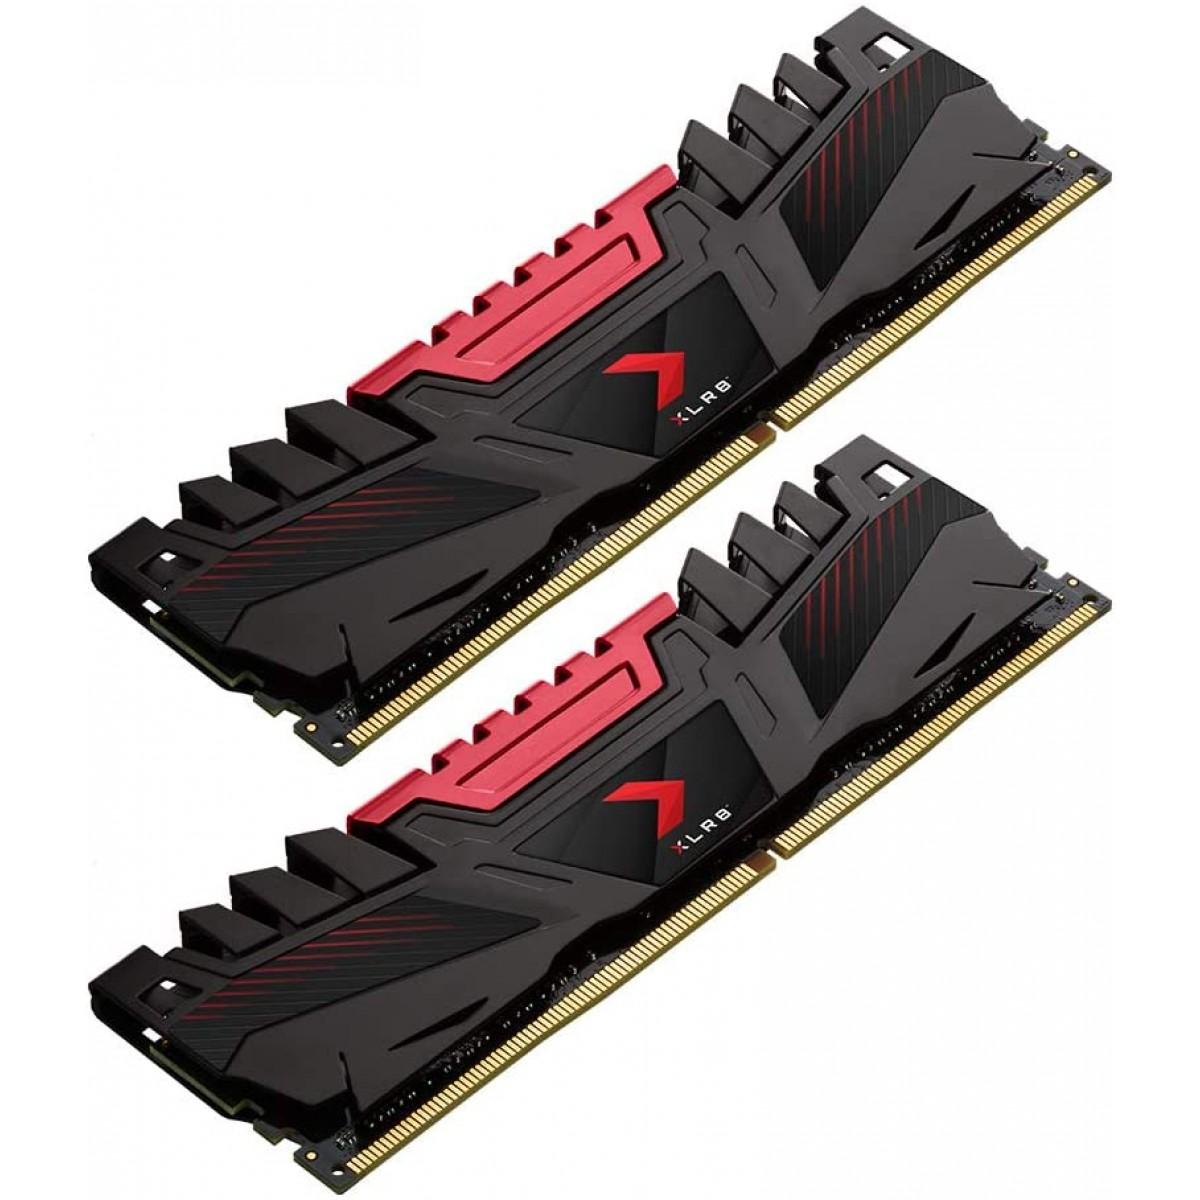 Memória DDR4 PNY XLR8 Gaming, 32GB (2x16GB), 3200MHZ, MD32GK2D4320016XR